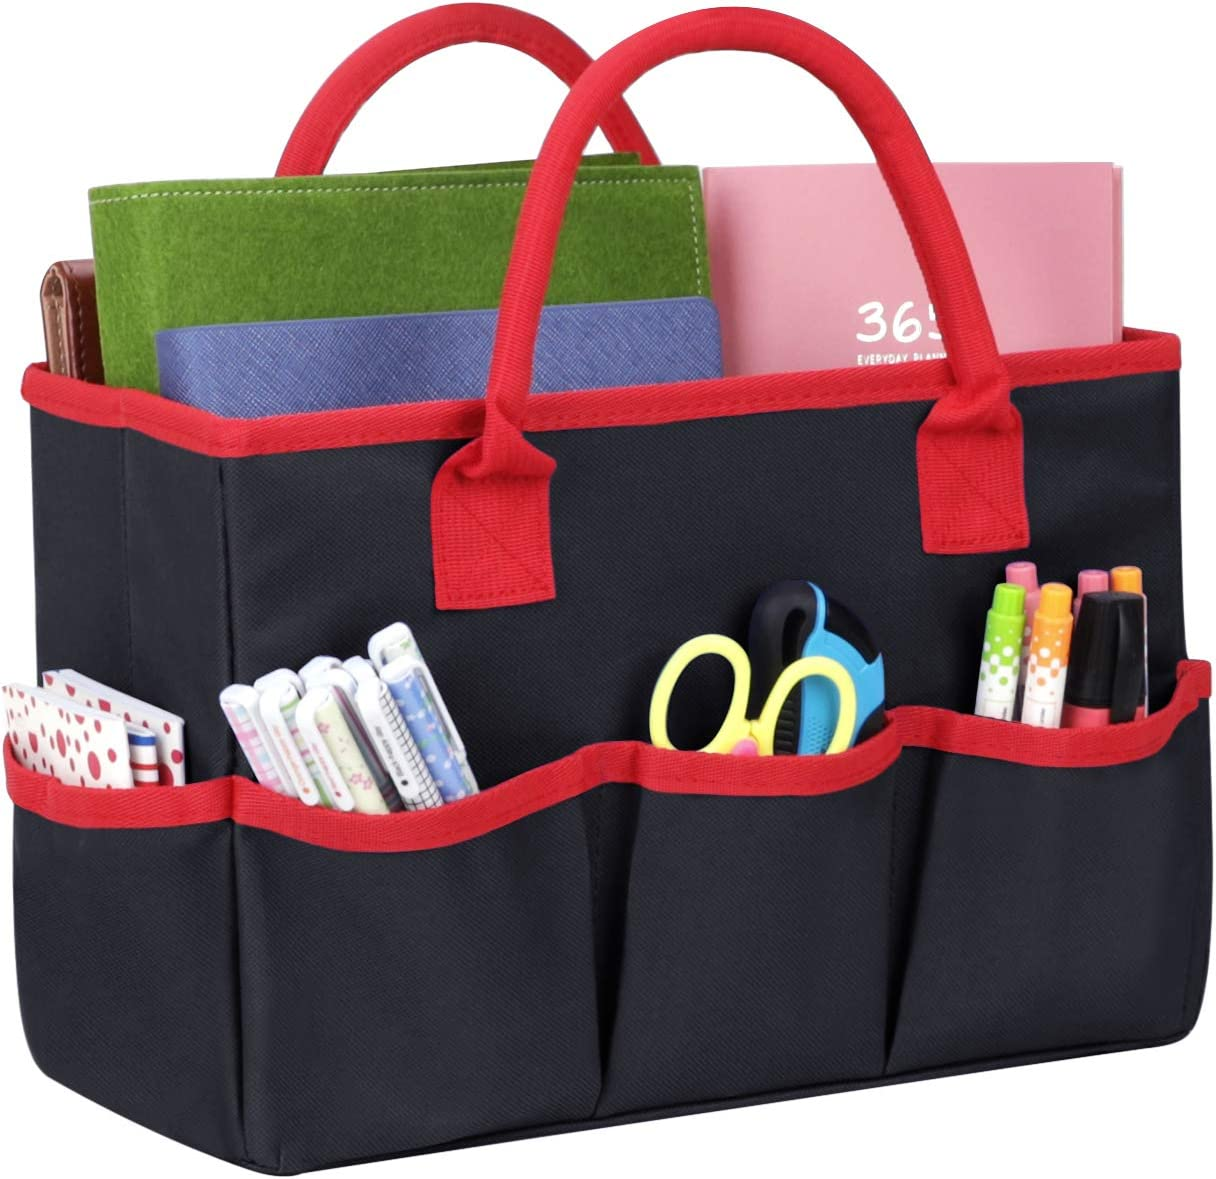 Multi-Purpose Large Desktop Organizer Fundamentals Art File Folder Storage Bag Foldable Gardening Tool Bag Make-up Office Supplies Tote